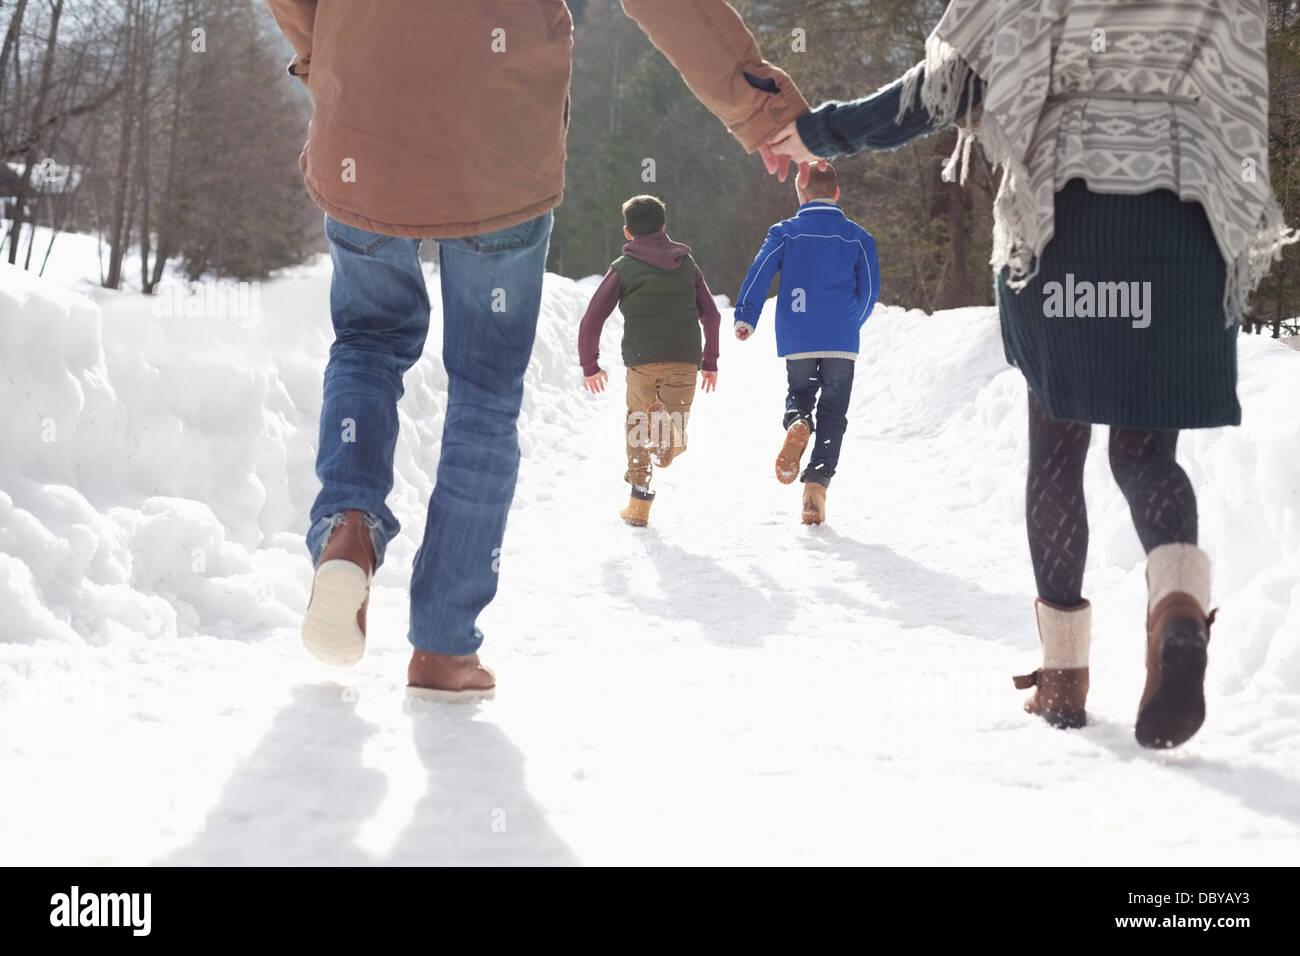 Glückliches Paar Hand in Hand und gerade jungen in verschneiten Spur laufen Stockbild